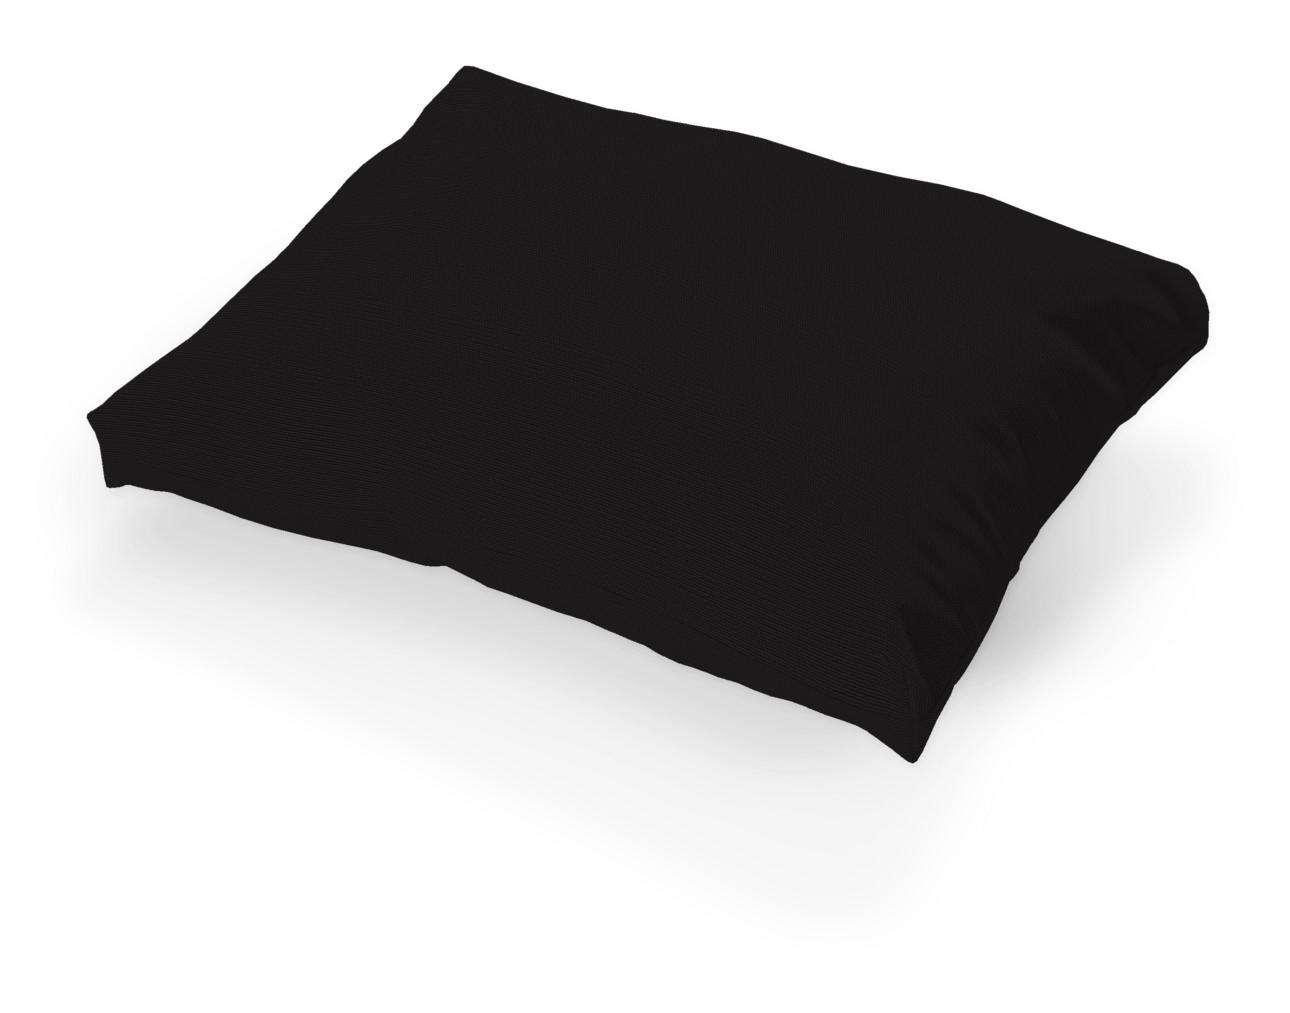 Tylösand pagalvėlės užvalkalas Tylösand pagalvėlė kolekcijoje Cotton Panama, audinys: 702-09